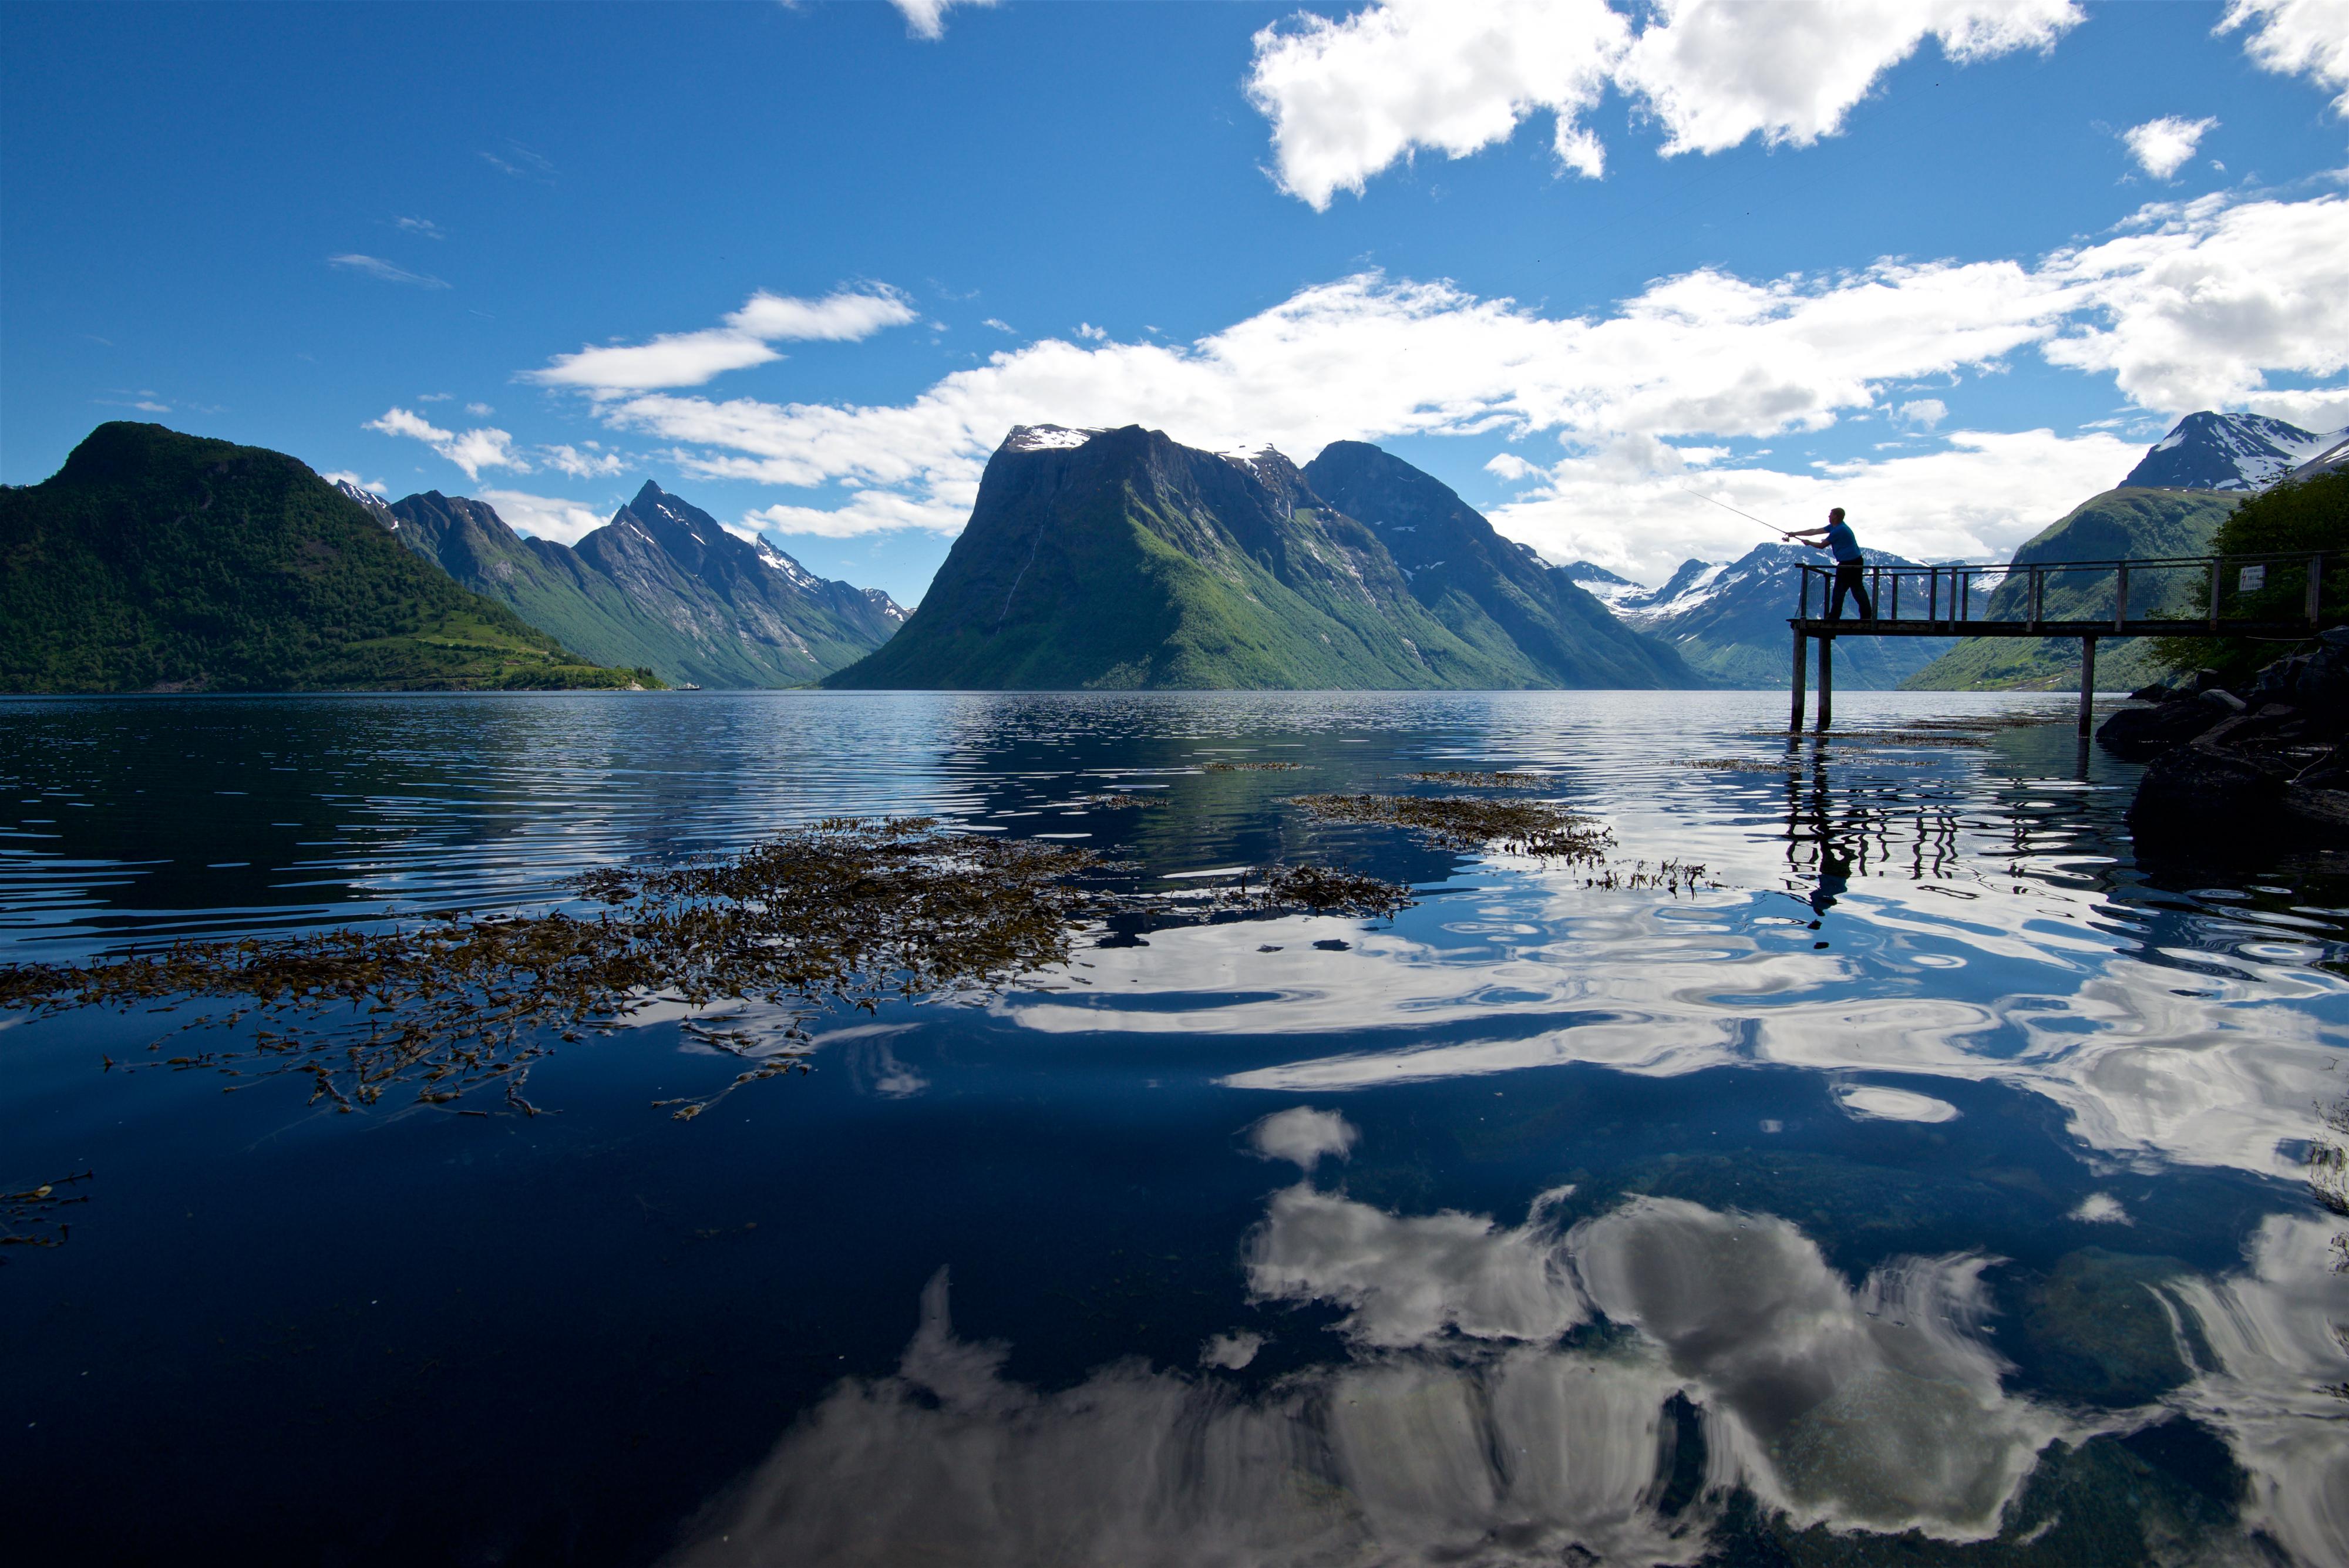 Fjords - The Hjørundfjord